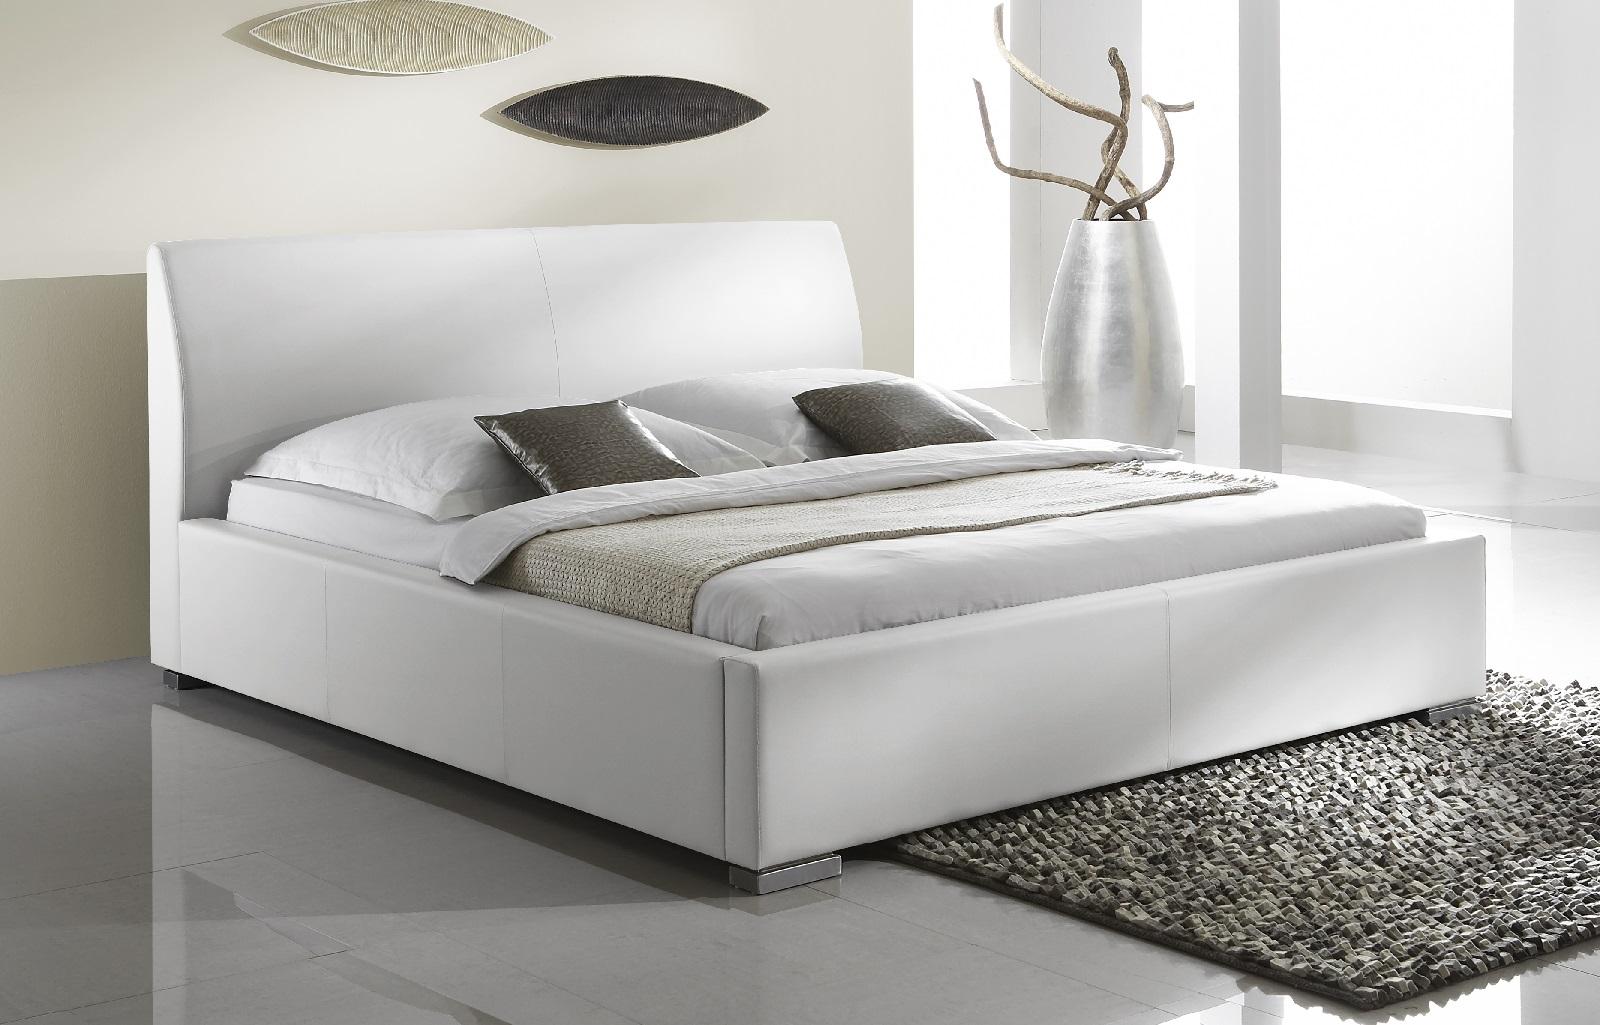 Full Size of Betten überlänge Polsterbett Altora Wei Polsterbetten Ikea 160x200 Mannheim Hohe Möbel Boss Rauch Bett Outlet Für Teenager Massivholz Kinder Hülsta Bett Betten überlänge